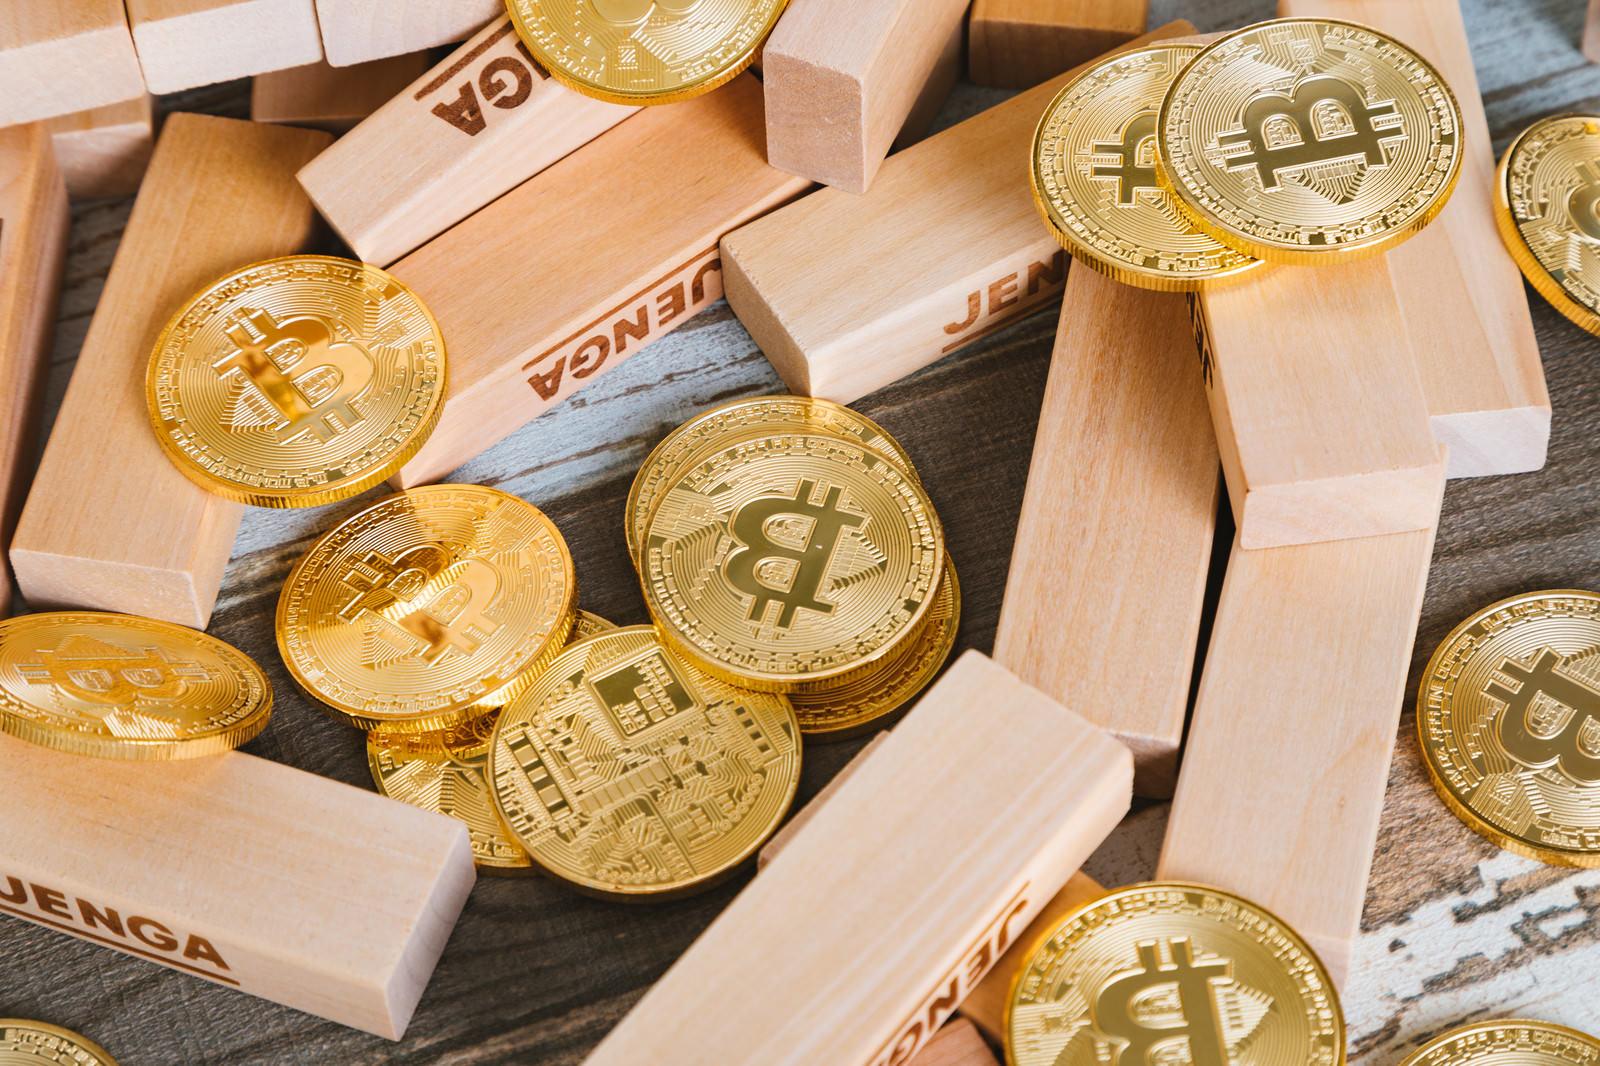 「崩れたジェンガとビットコイン崩れたジェンガとビットコイン」のフリー写真素材を拡大